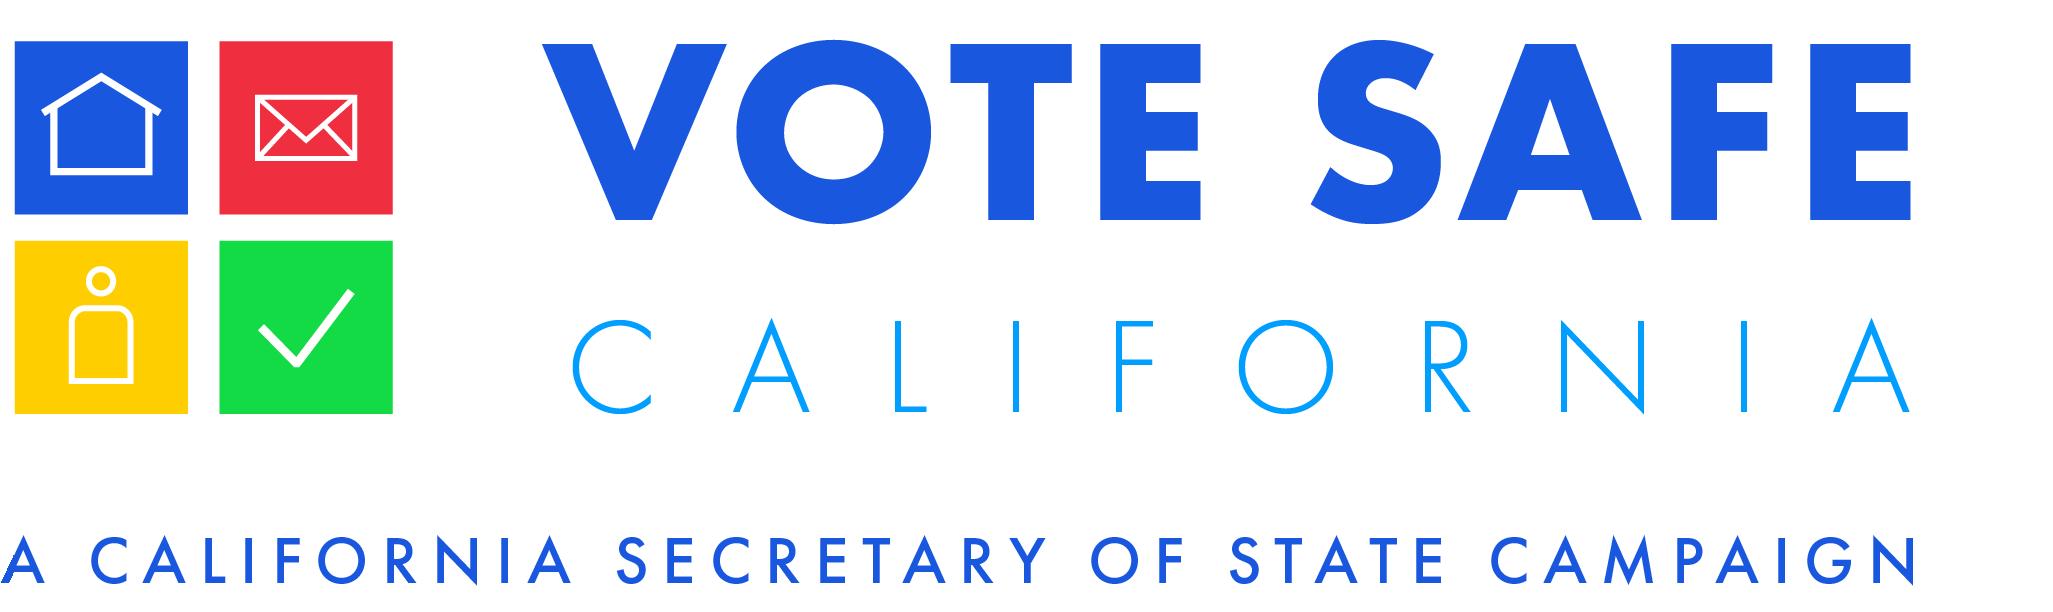 Vote Safe California a California Secretary of State Campaign